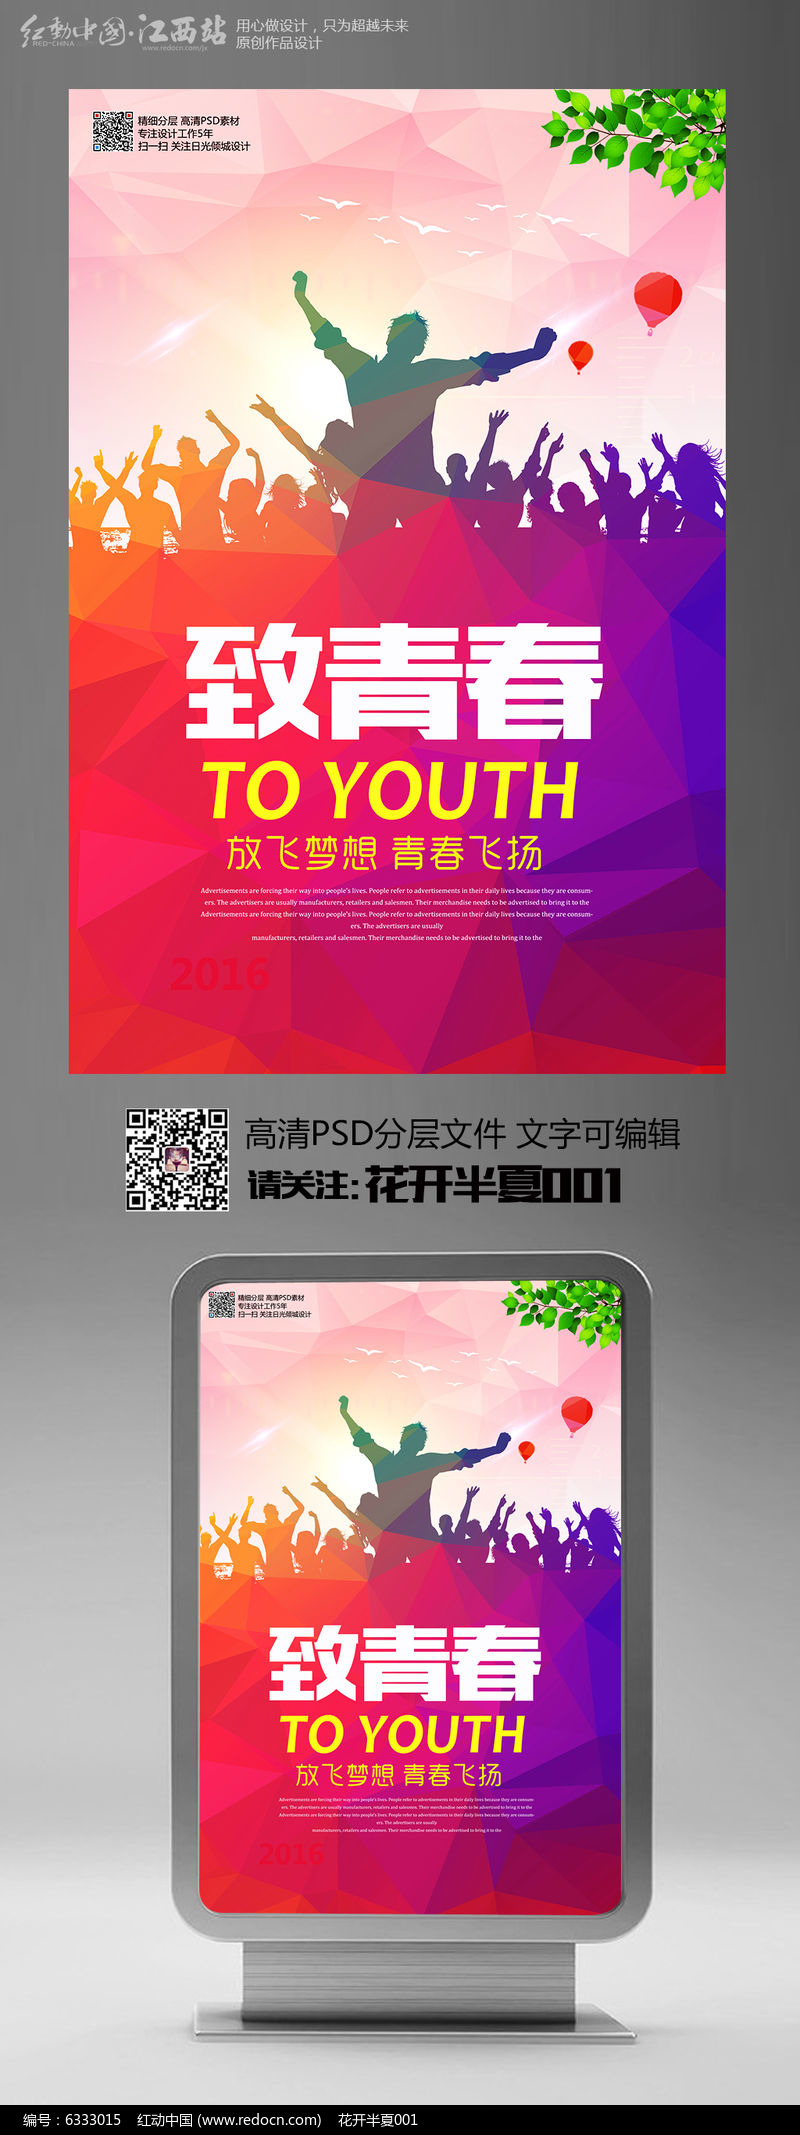 毕业季致青春海报设计图片